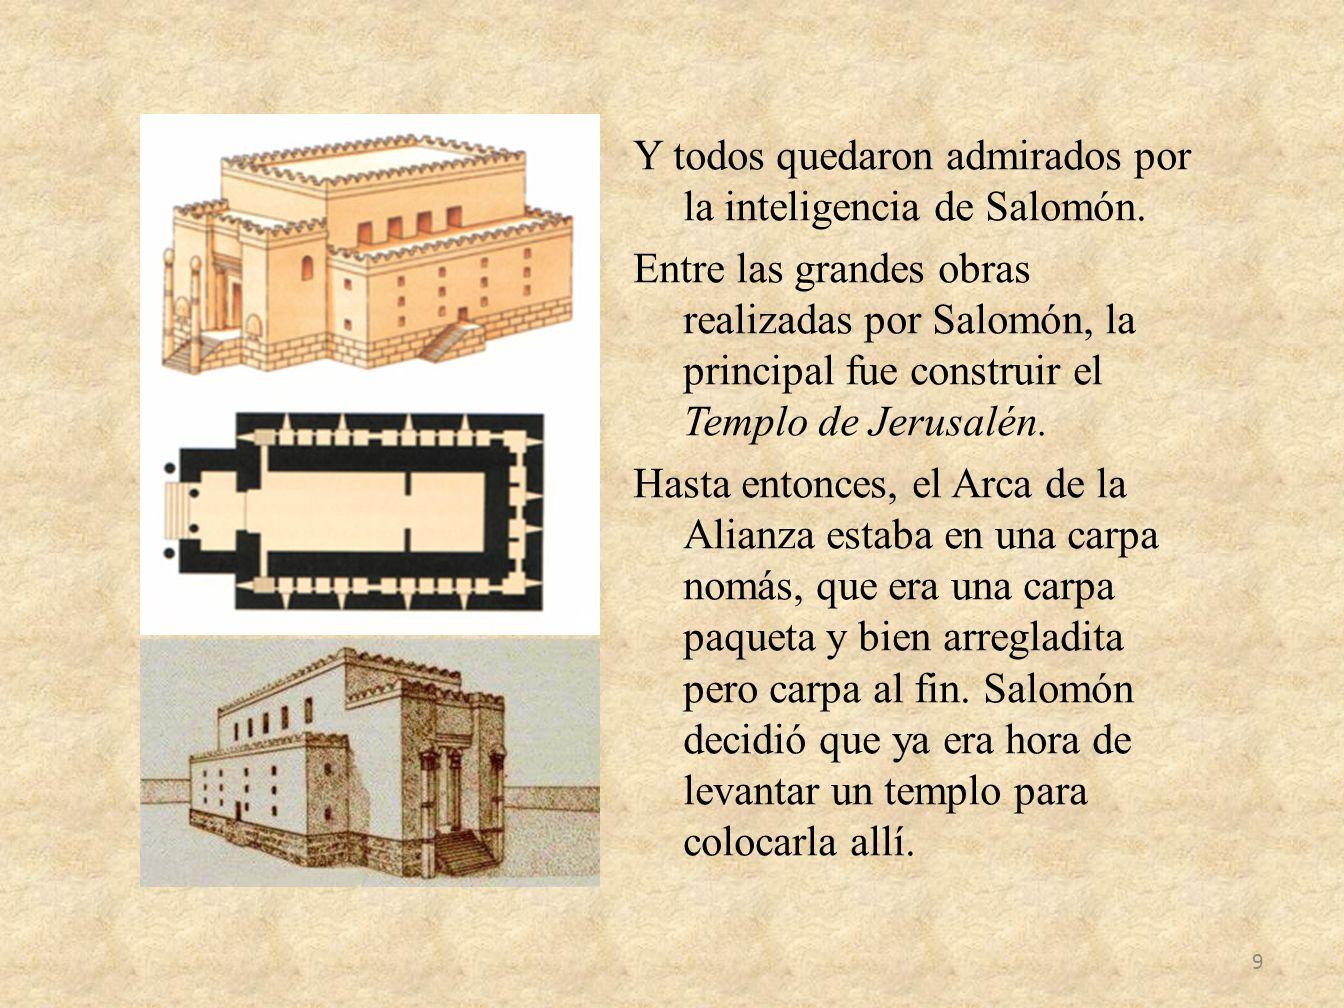 Y todos quedaron admirados por la inteligencia de Salomón. Entre las grandes obras realizadas por Salomón, la principal fue construir el Templo de Jer